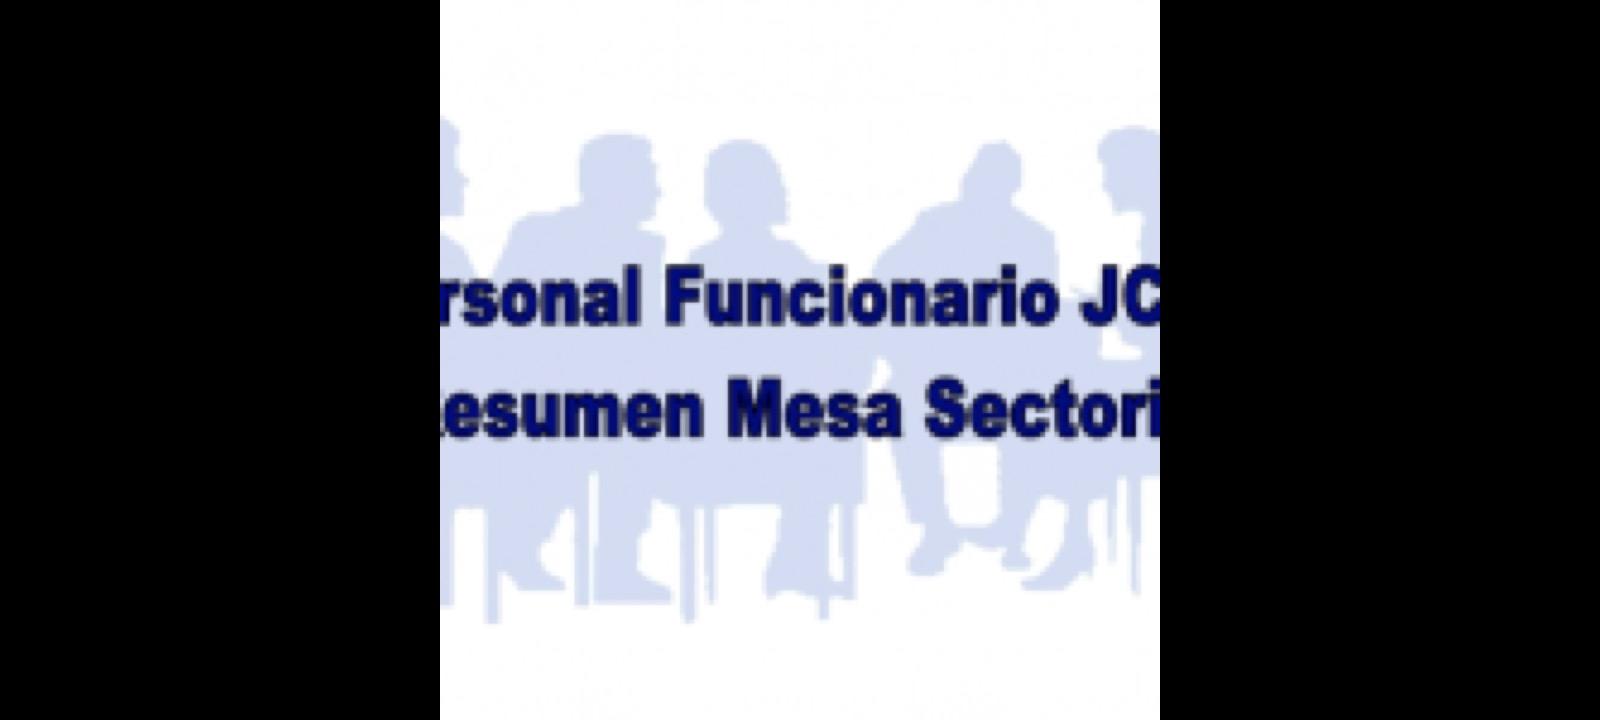 Resumen reunión Mesa Sectorial Personal Funcionario JCCM. (Septiembre 2019).